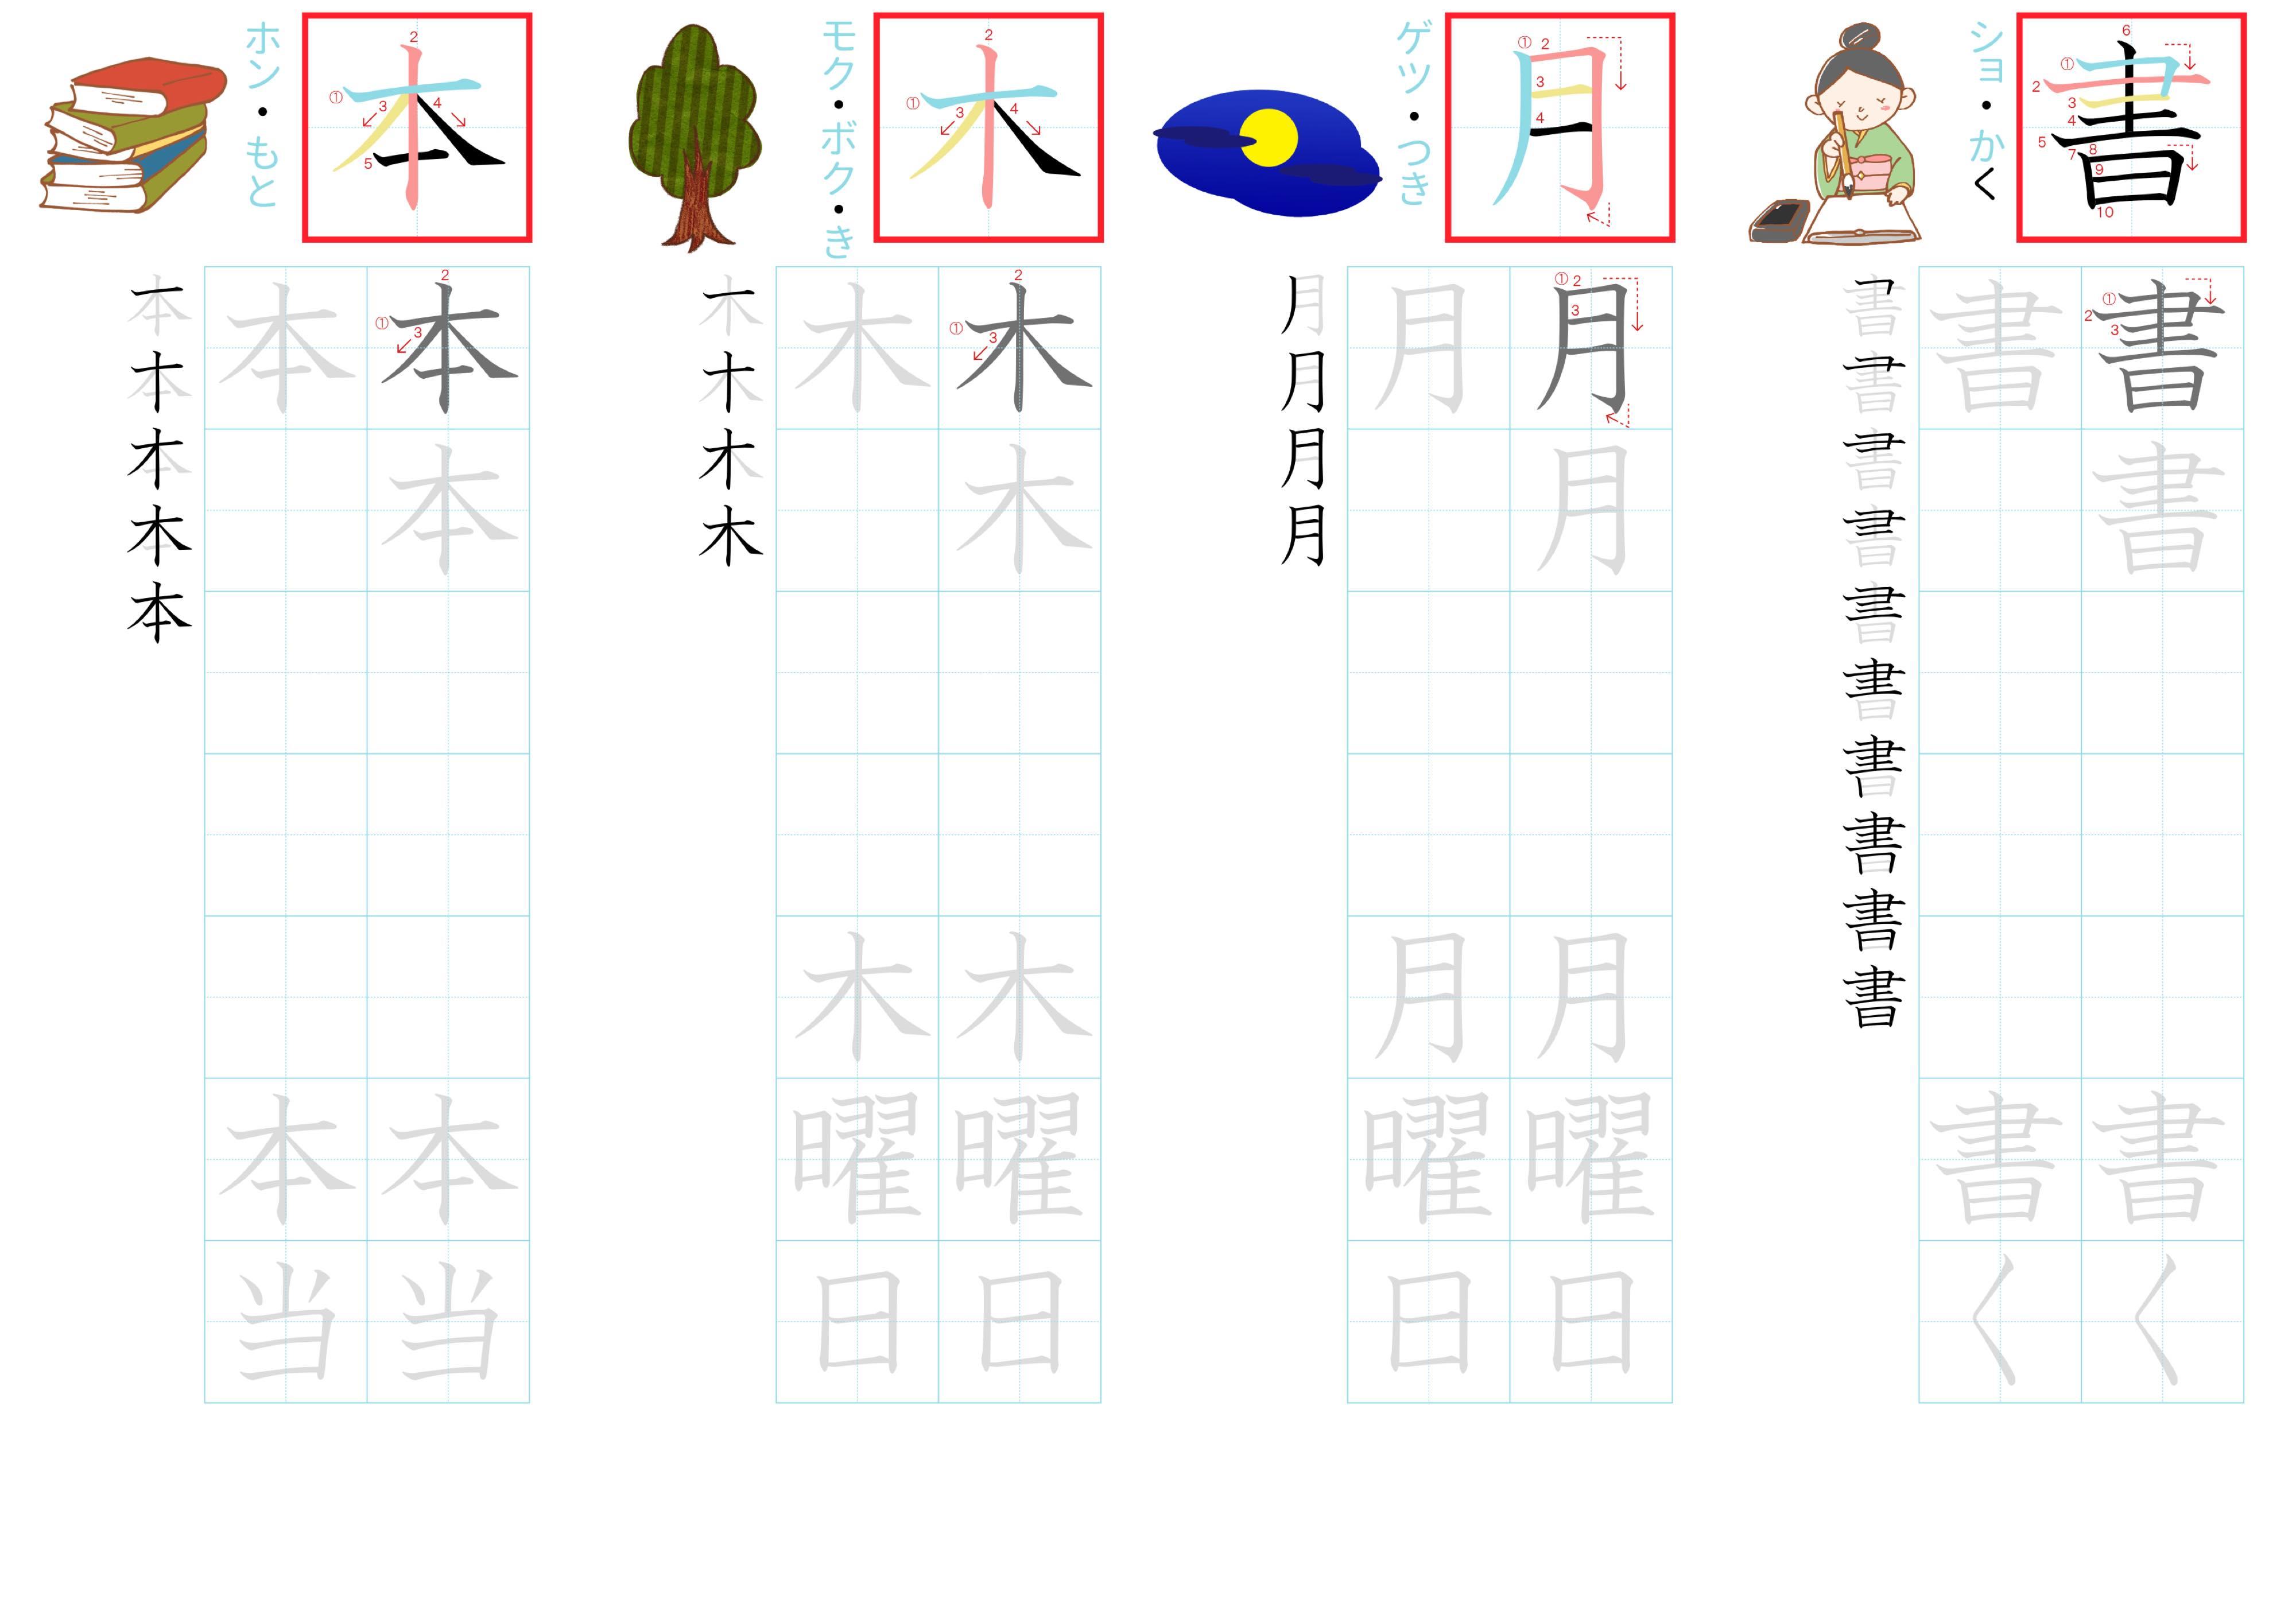 kanji-practice-card-n5-japanese-013